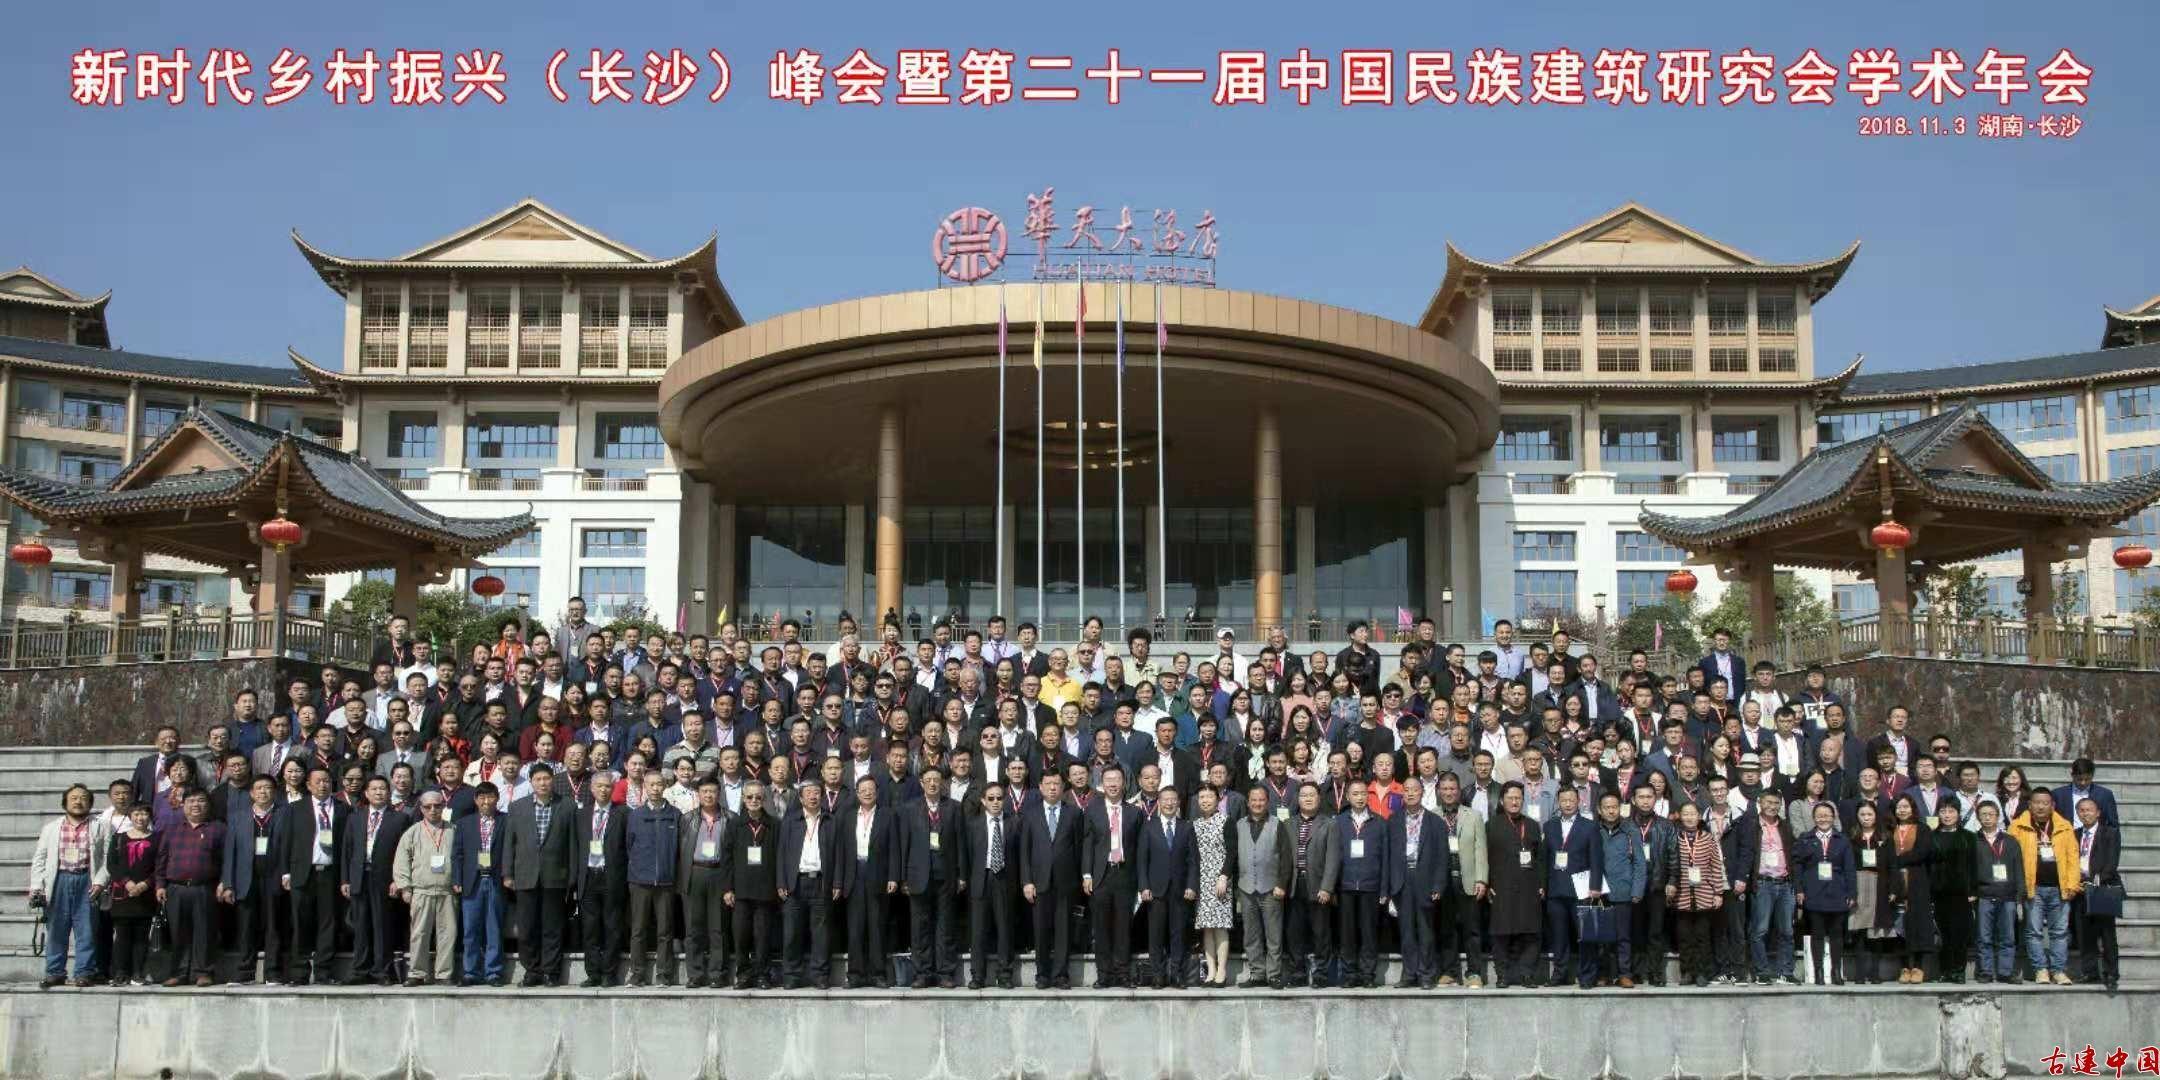 新時代鄉村振興(長沙)峰會暨第二十一屆中國民族建筑研究會學術年會勝利召開